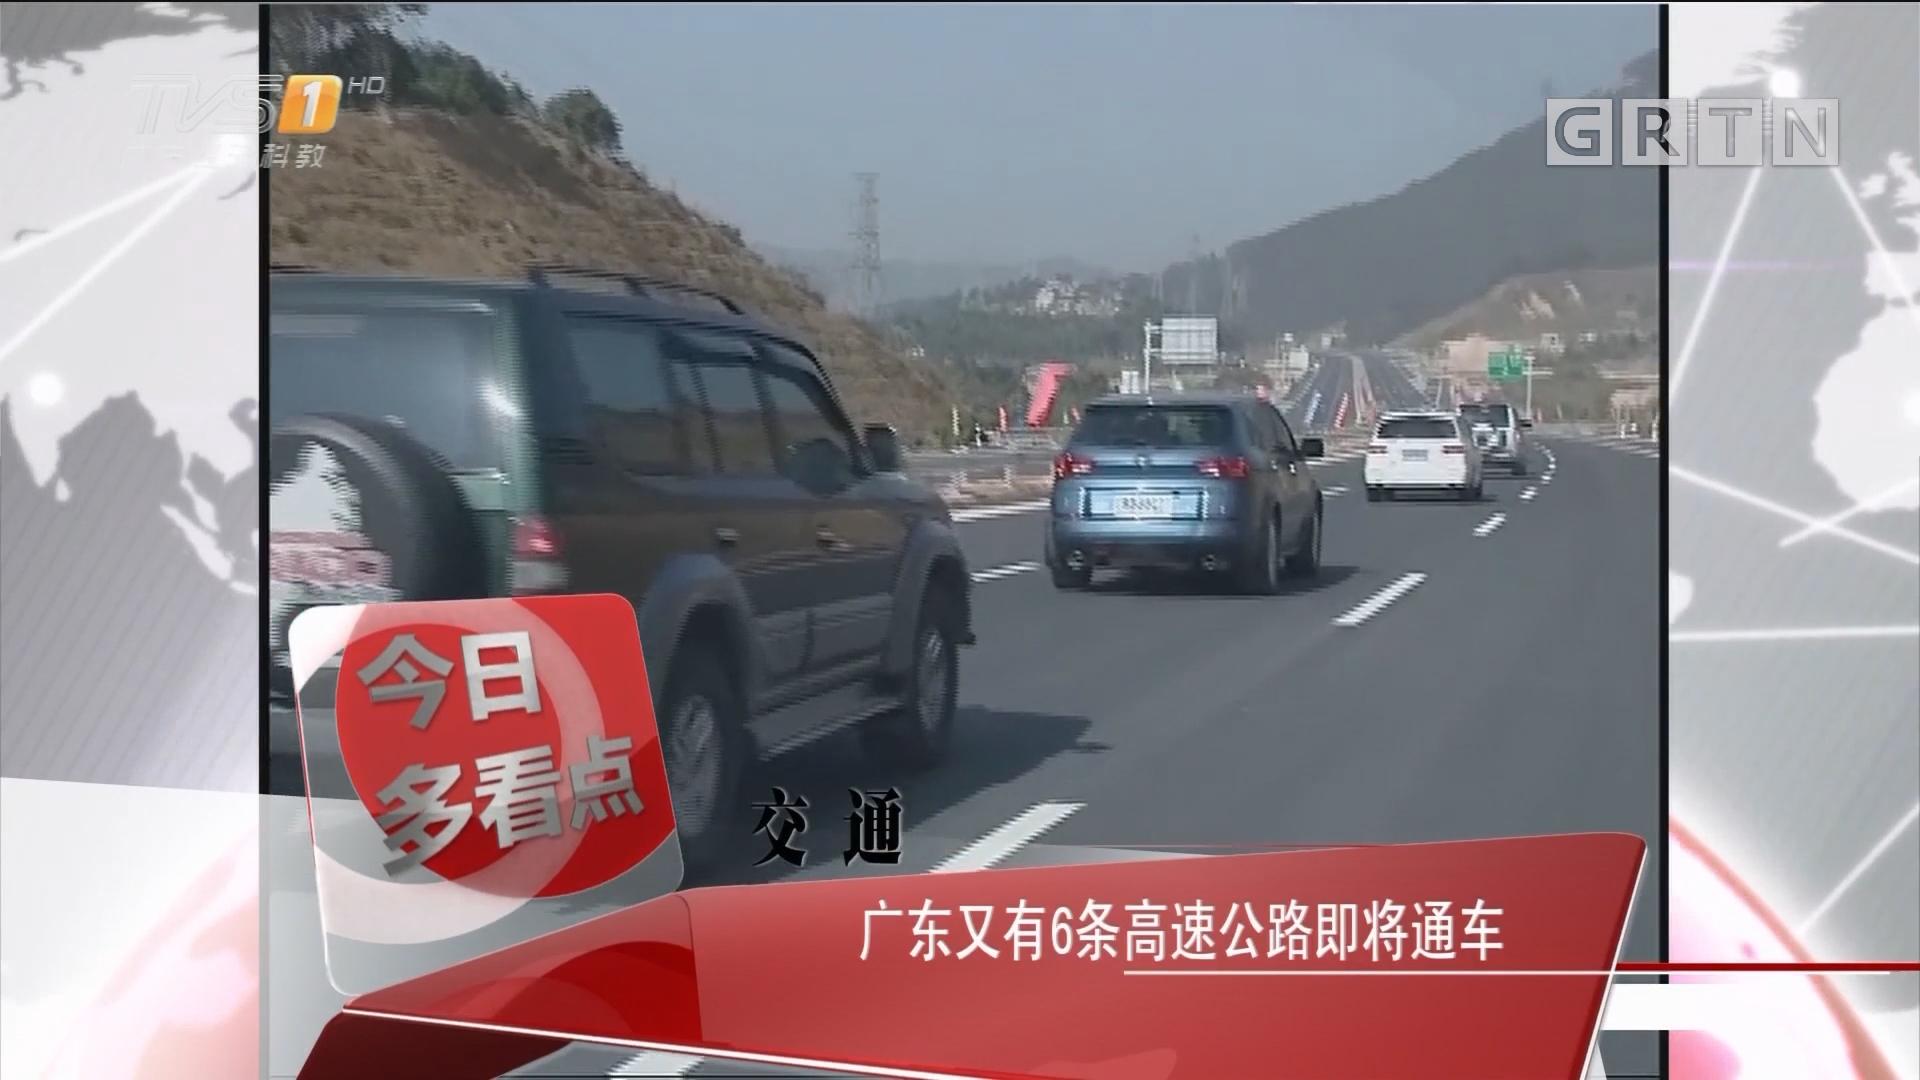 交通:广东又有6条高速公路即将通车